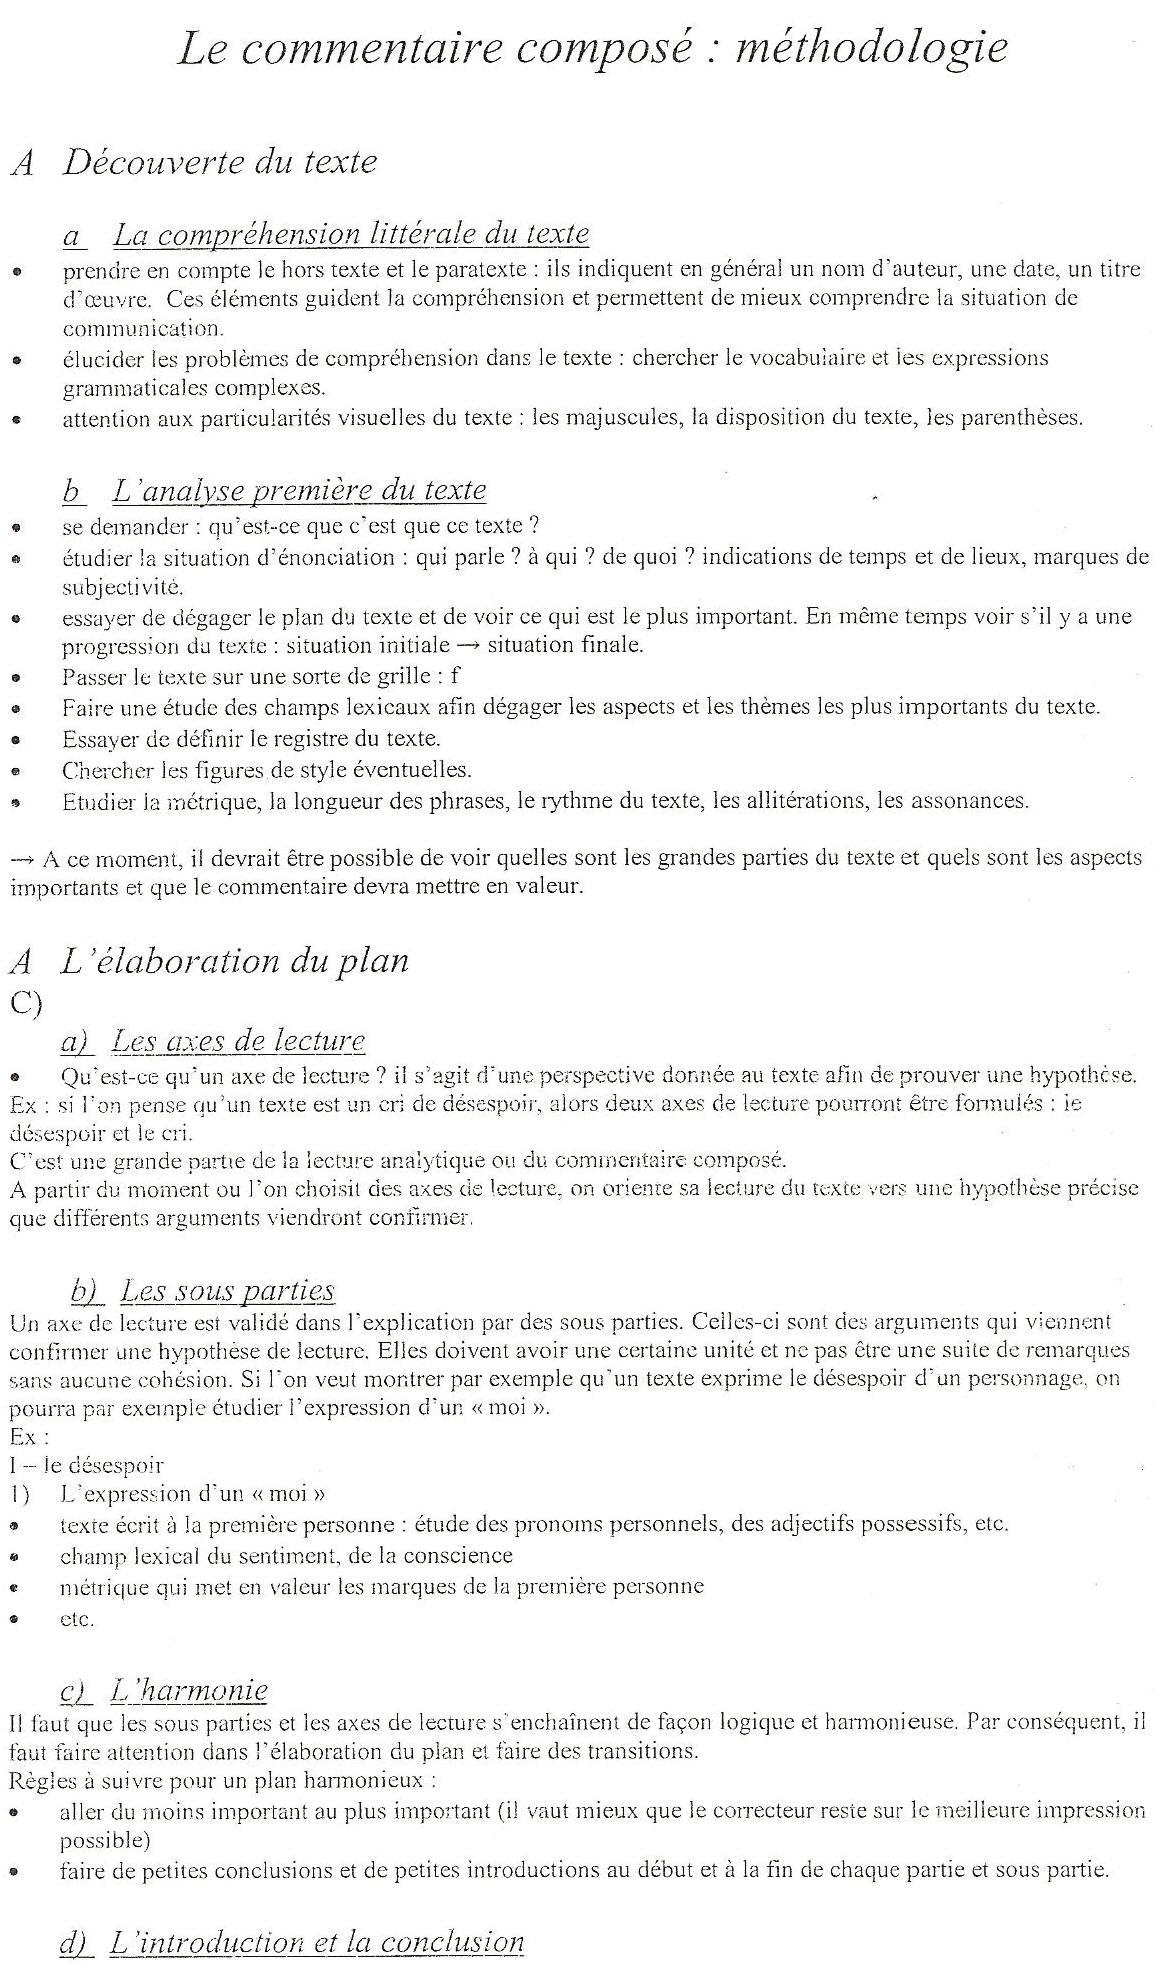 Méthodologie Du Commentaire De Texte En Français